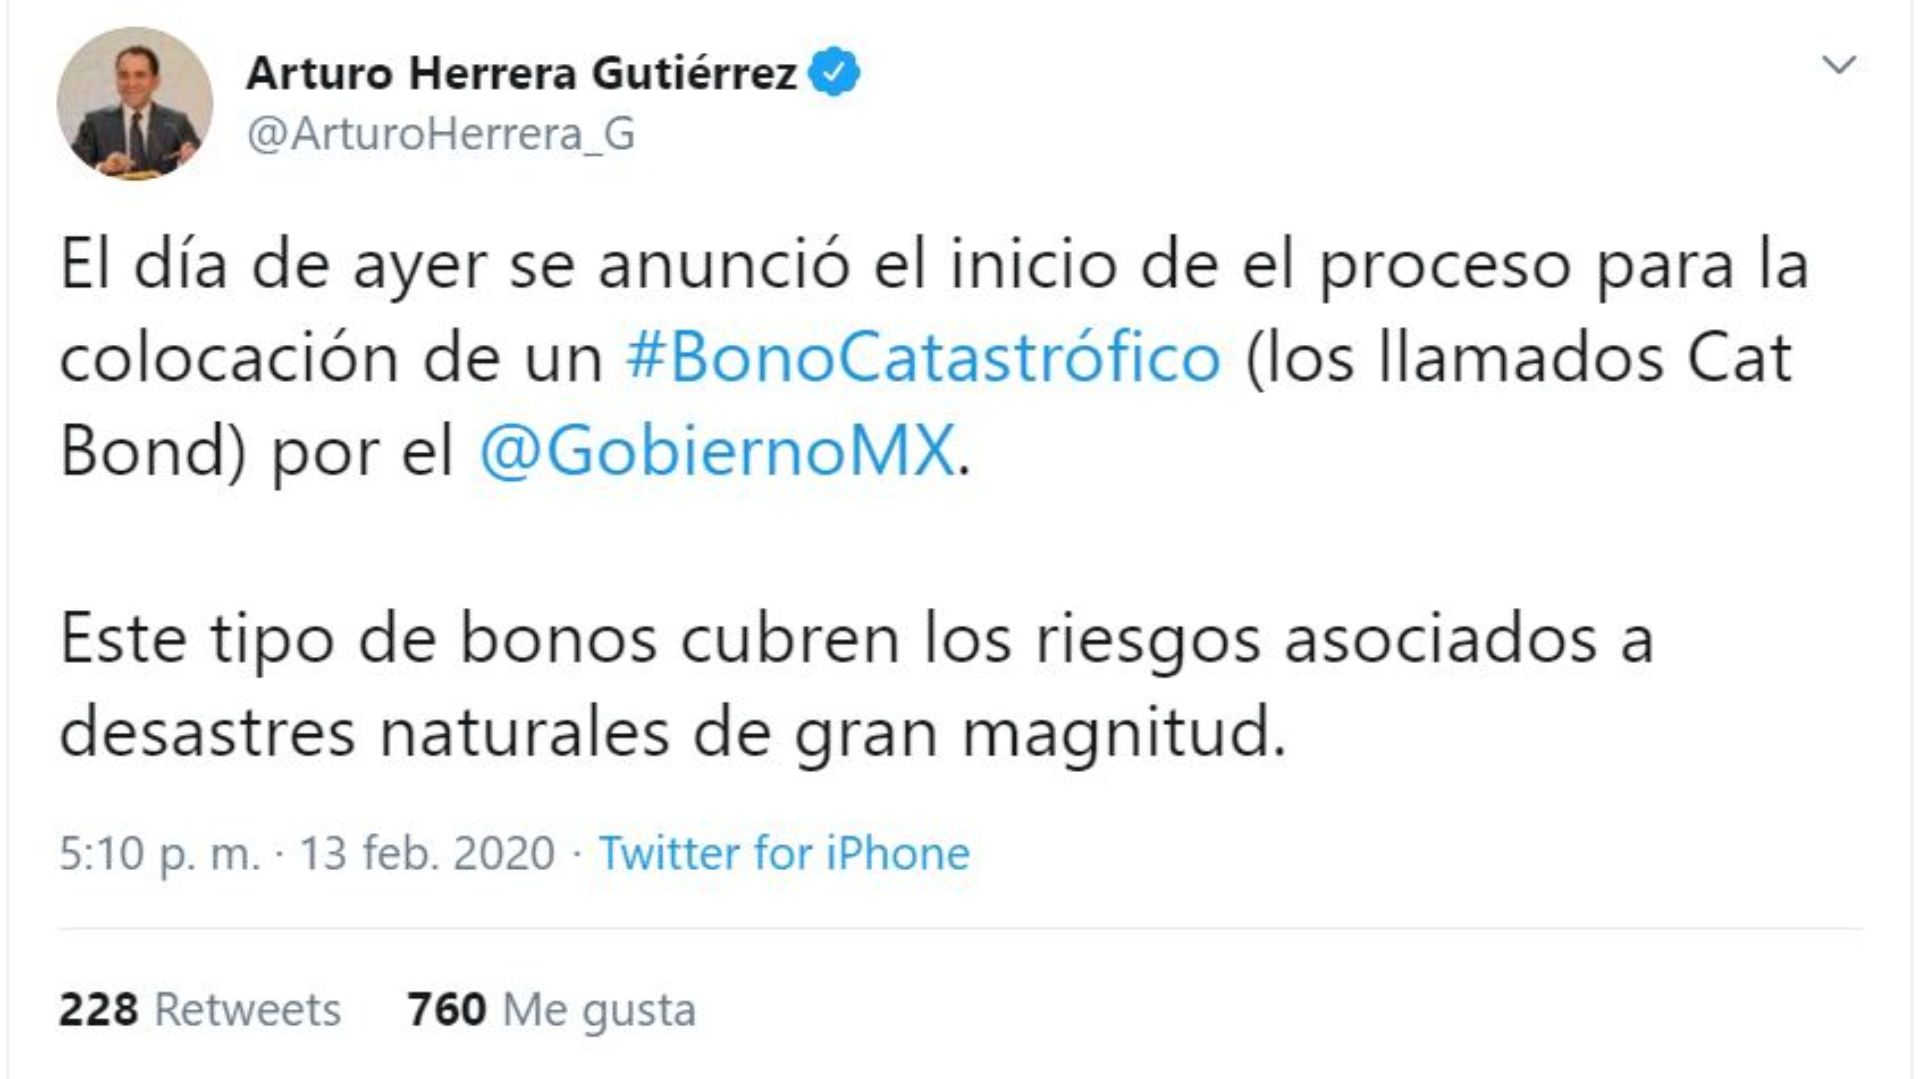 Fue a través de un Tweet publicado la tarde del jueves 13 que Arturo Herrera dio a conocer la colocación del bono catastrófico por parte de México ante el Banco Mundial (Foto: Twitter/@ArturoHerrera_G)